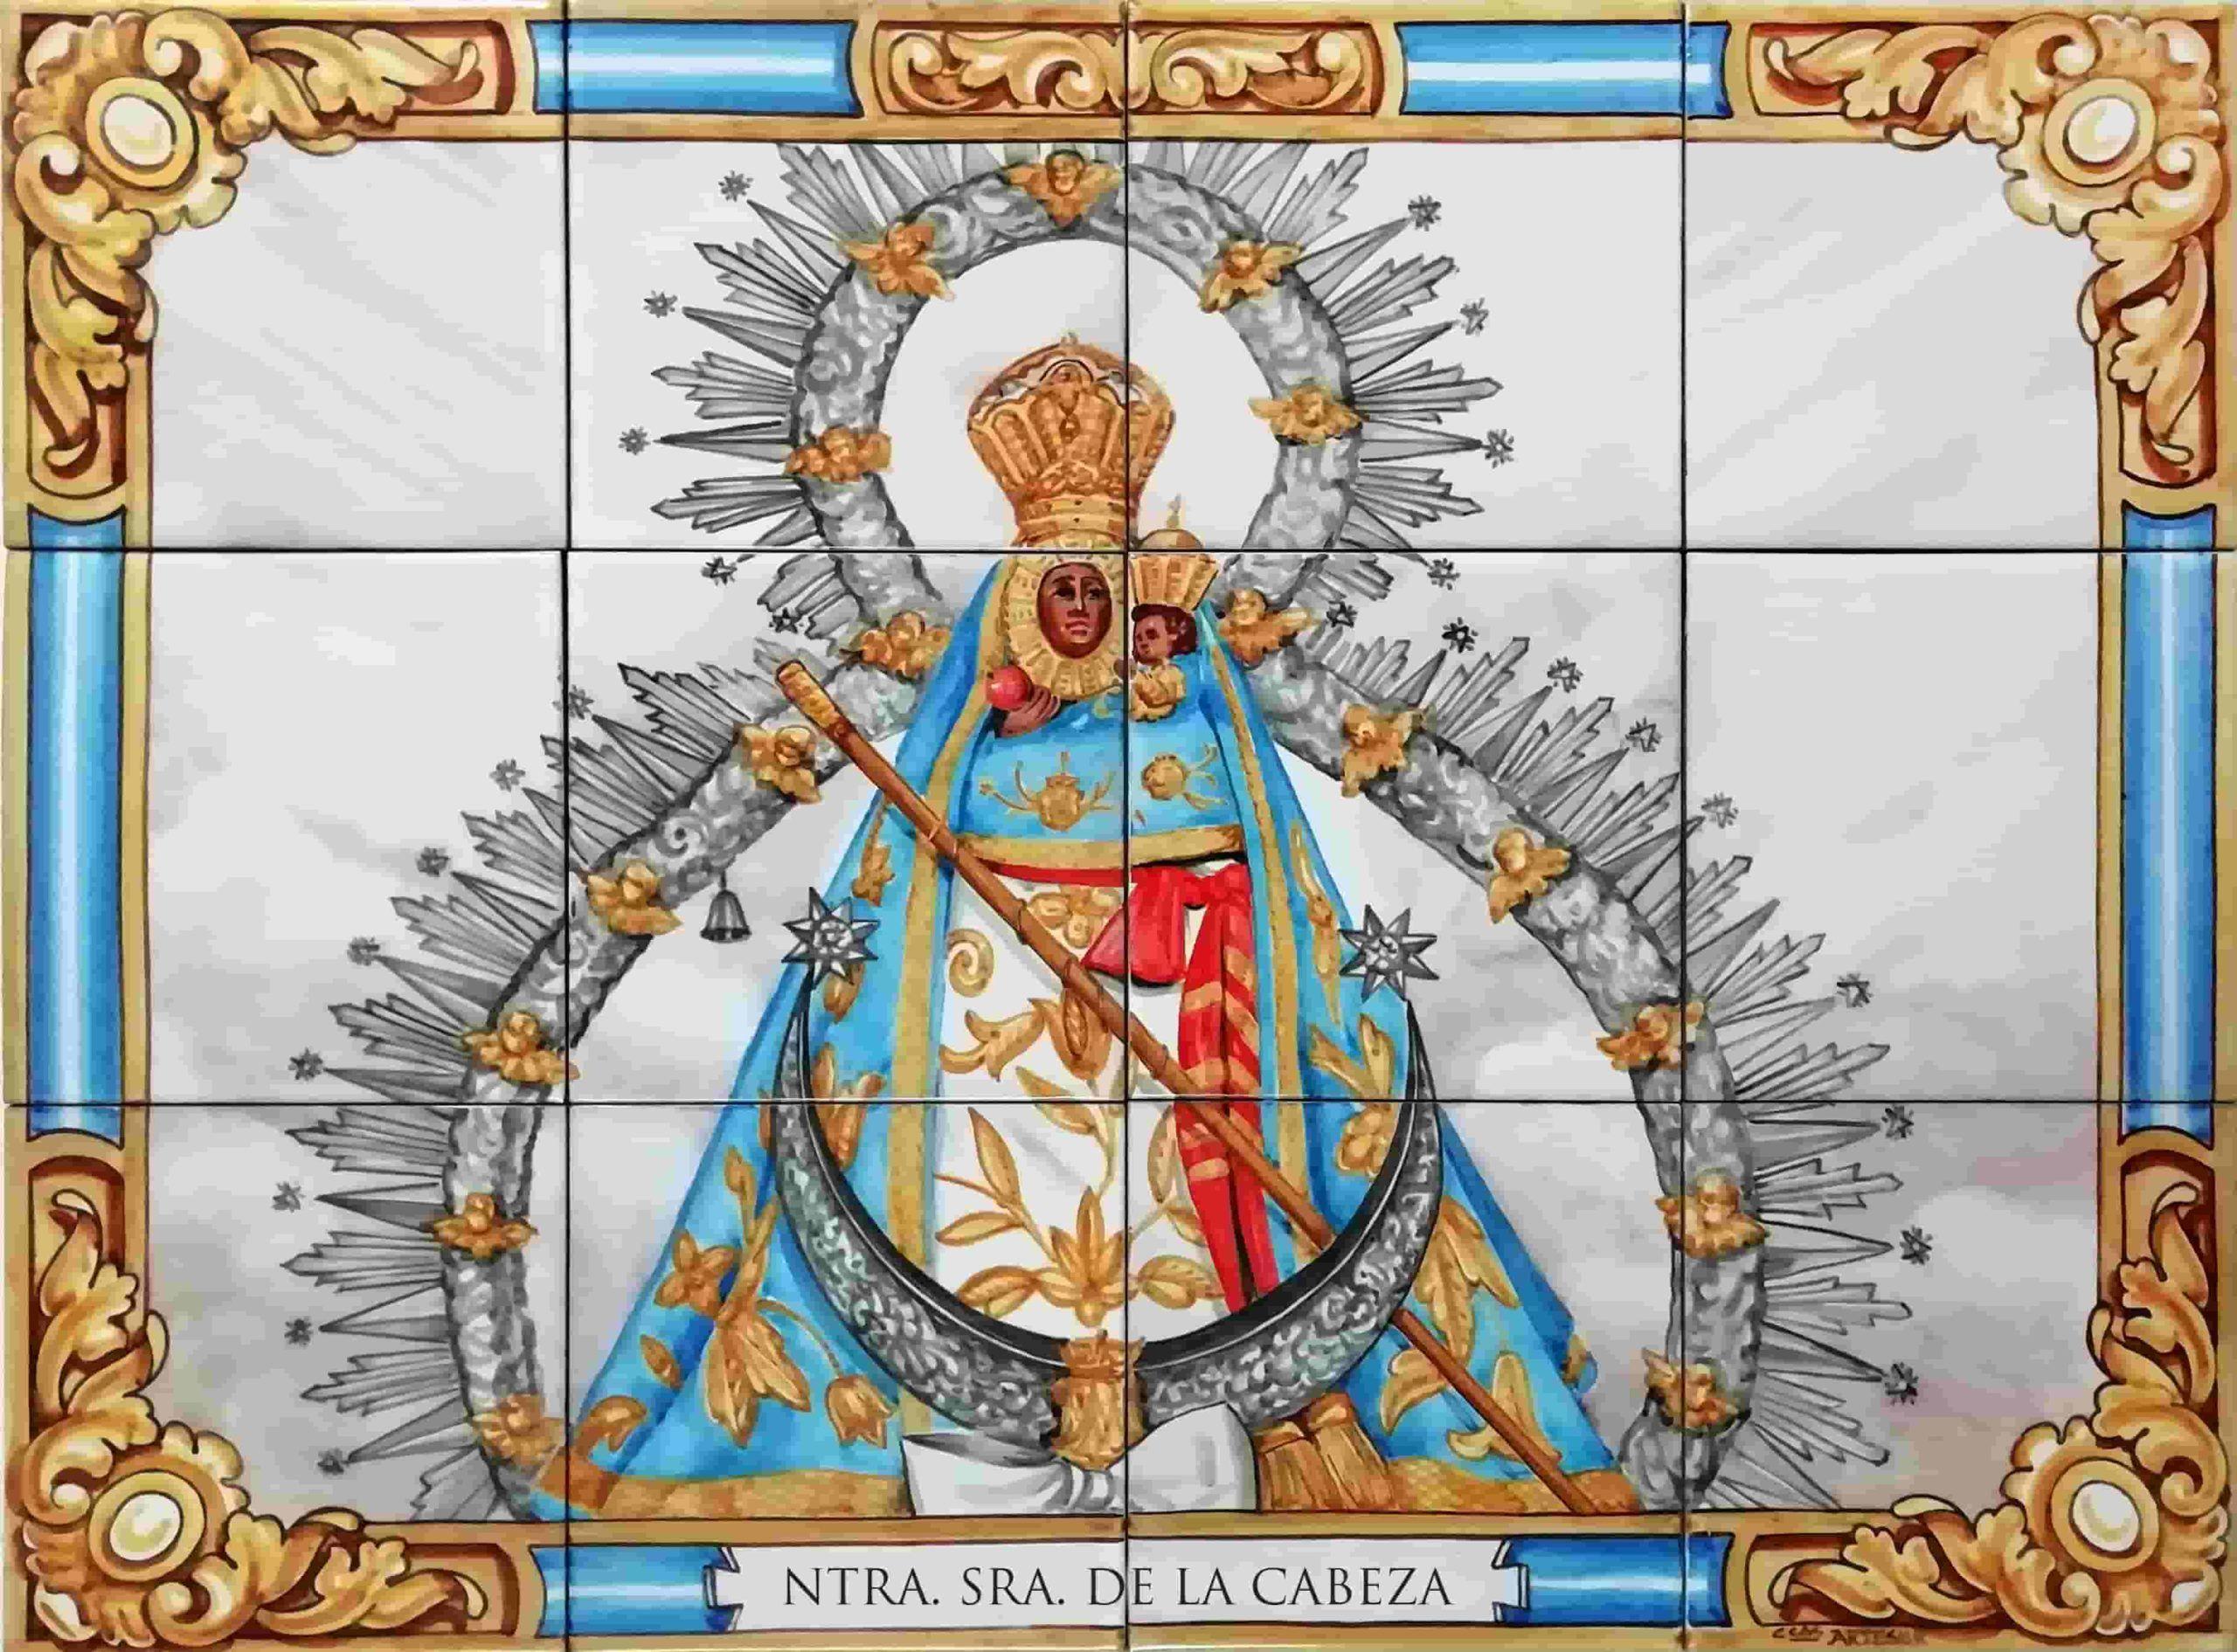 Azulejos artesanos pintados a mano en el estilo sevillano - Artesur- Virgen de la Cabeza-75594